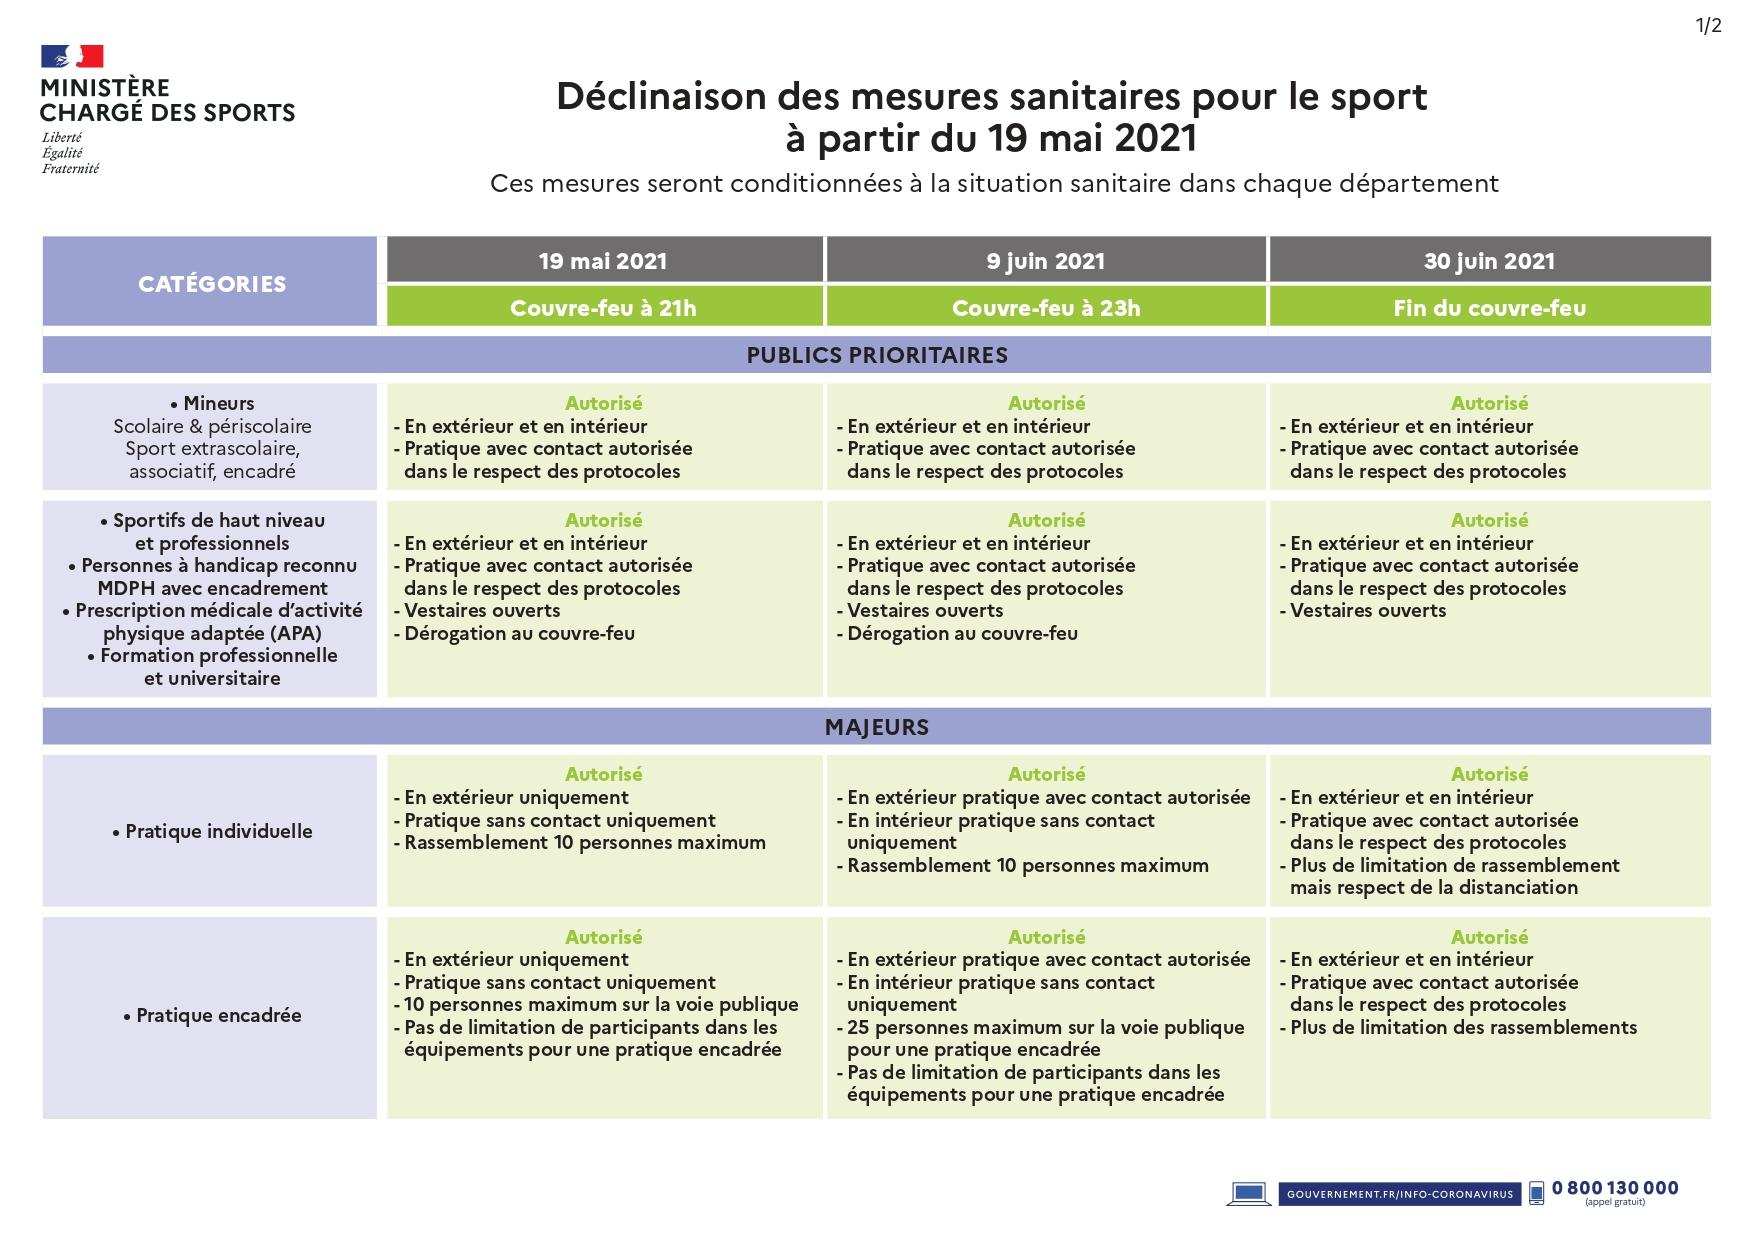 Déclinaisons des décisions sanitaires au 19 mai 2021